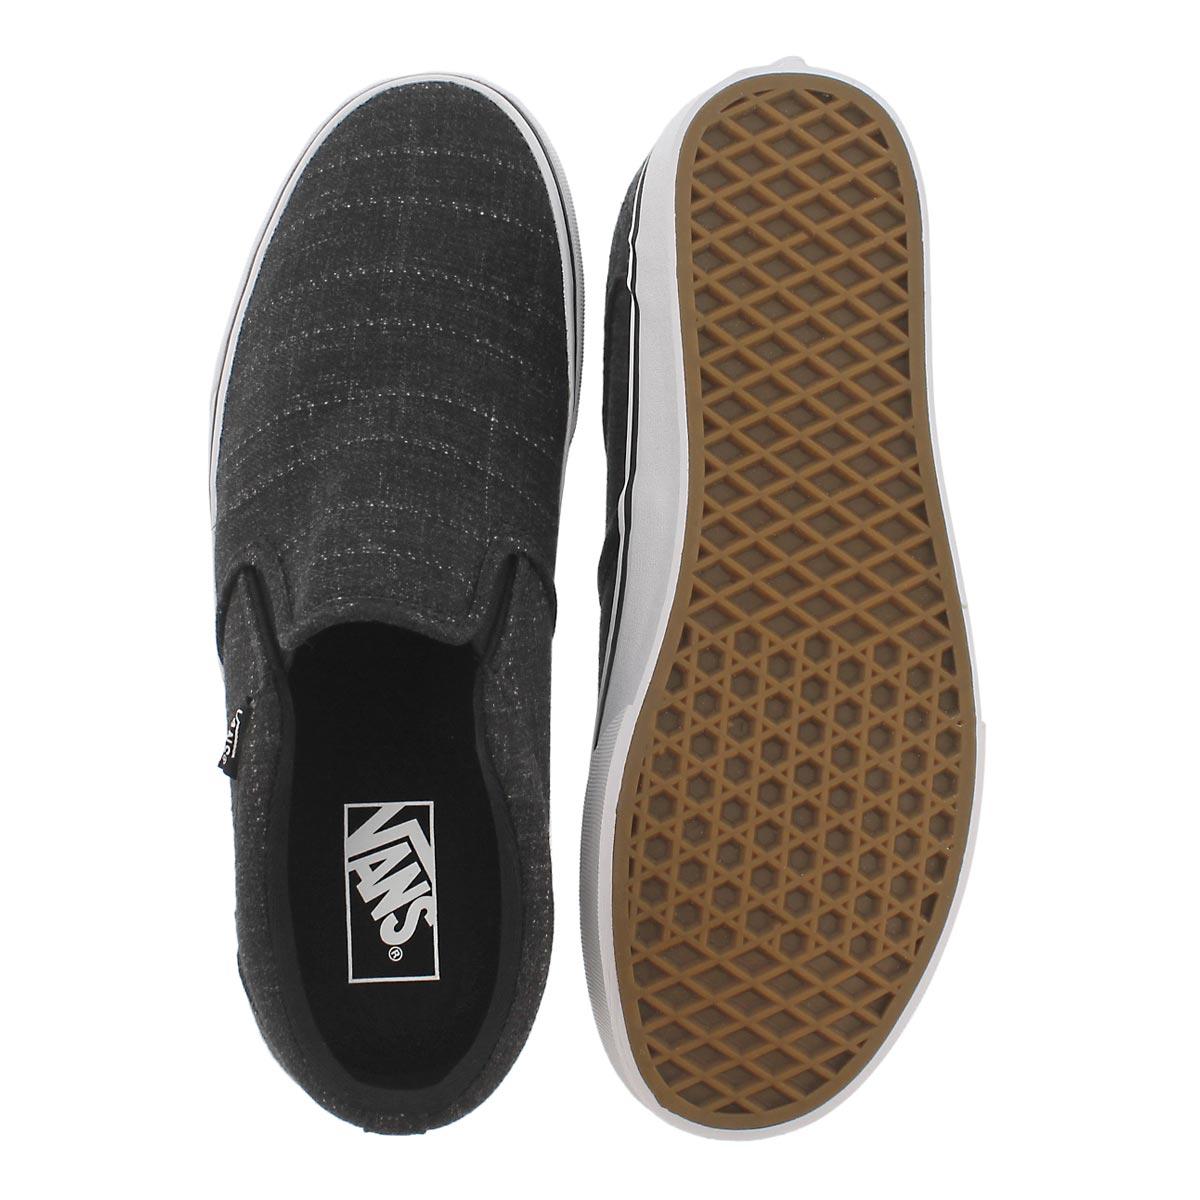 Mns Asher blk/wht slip on sneaker